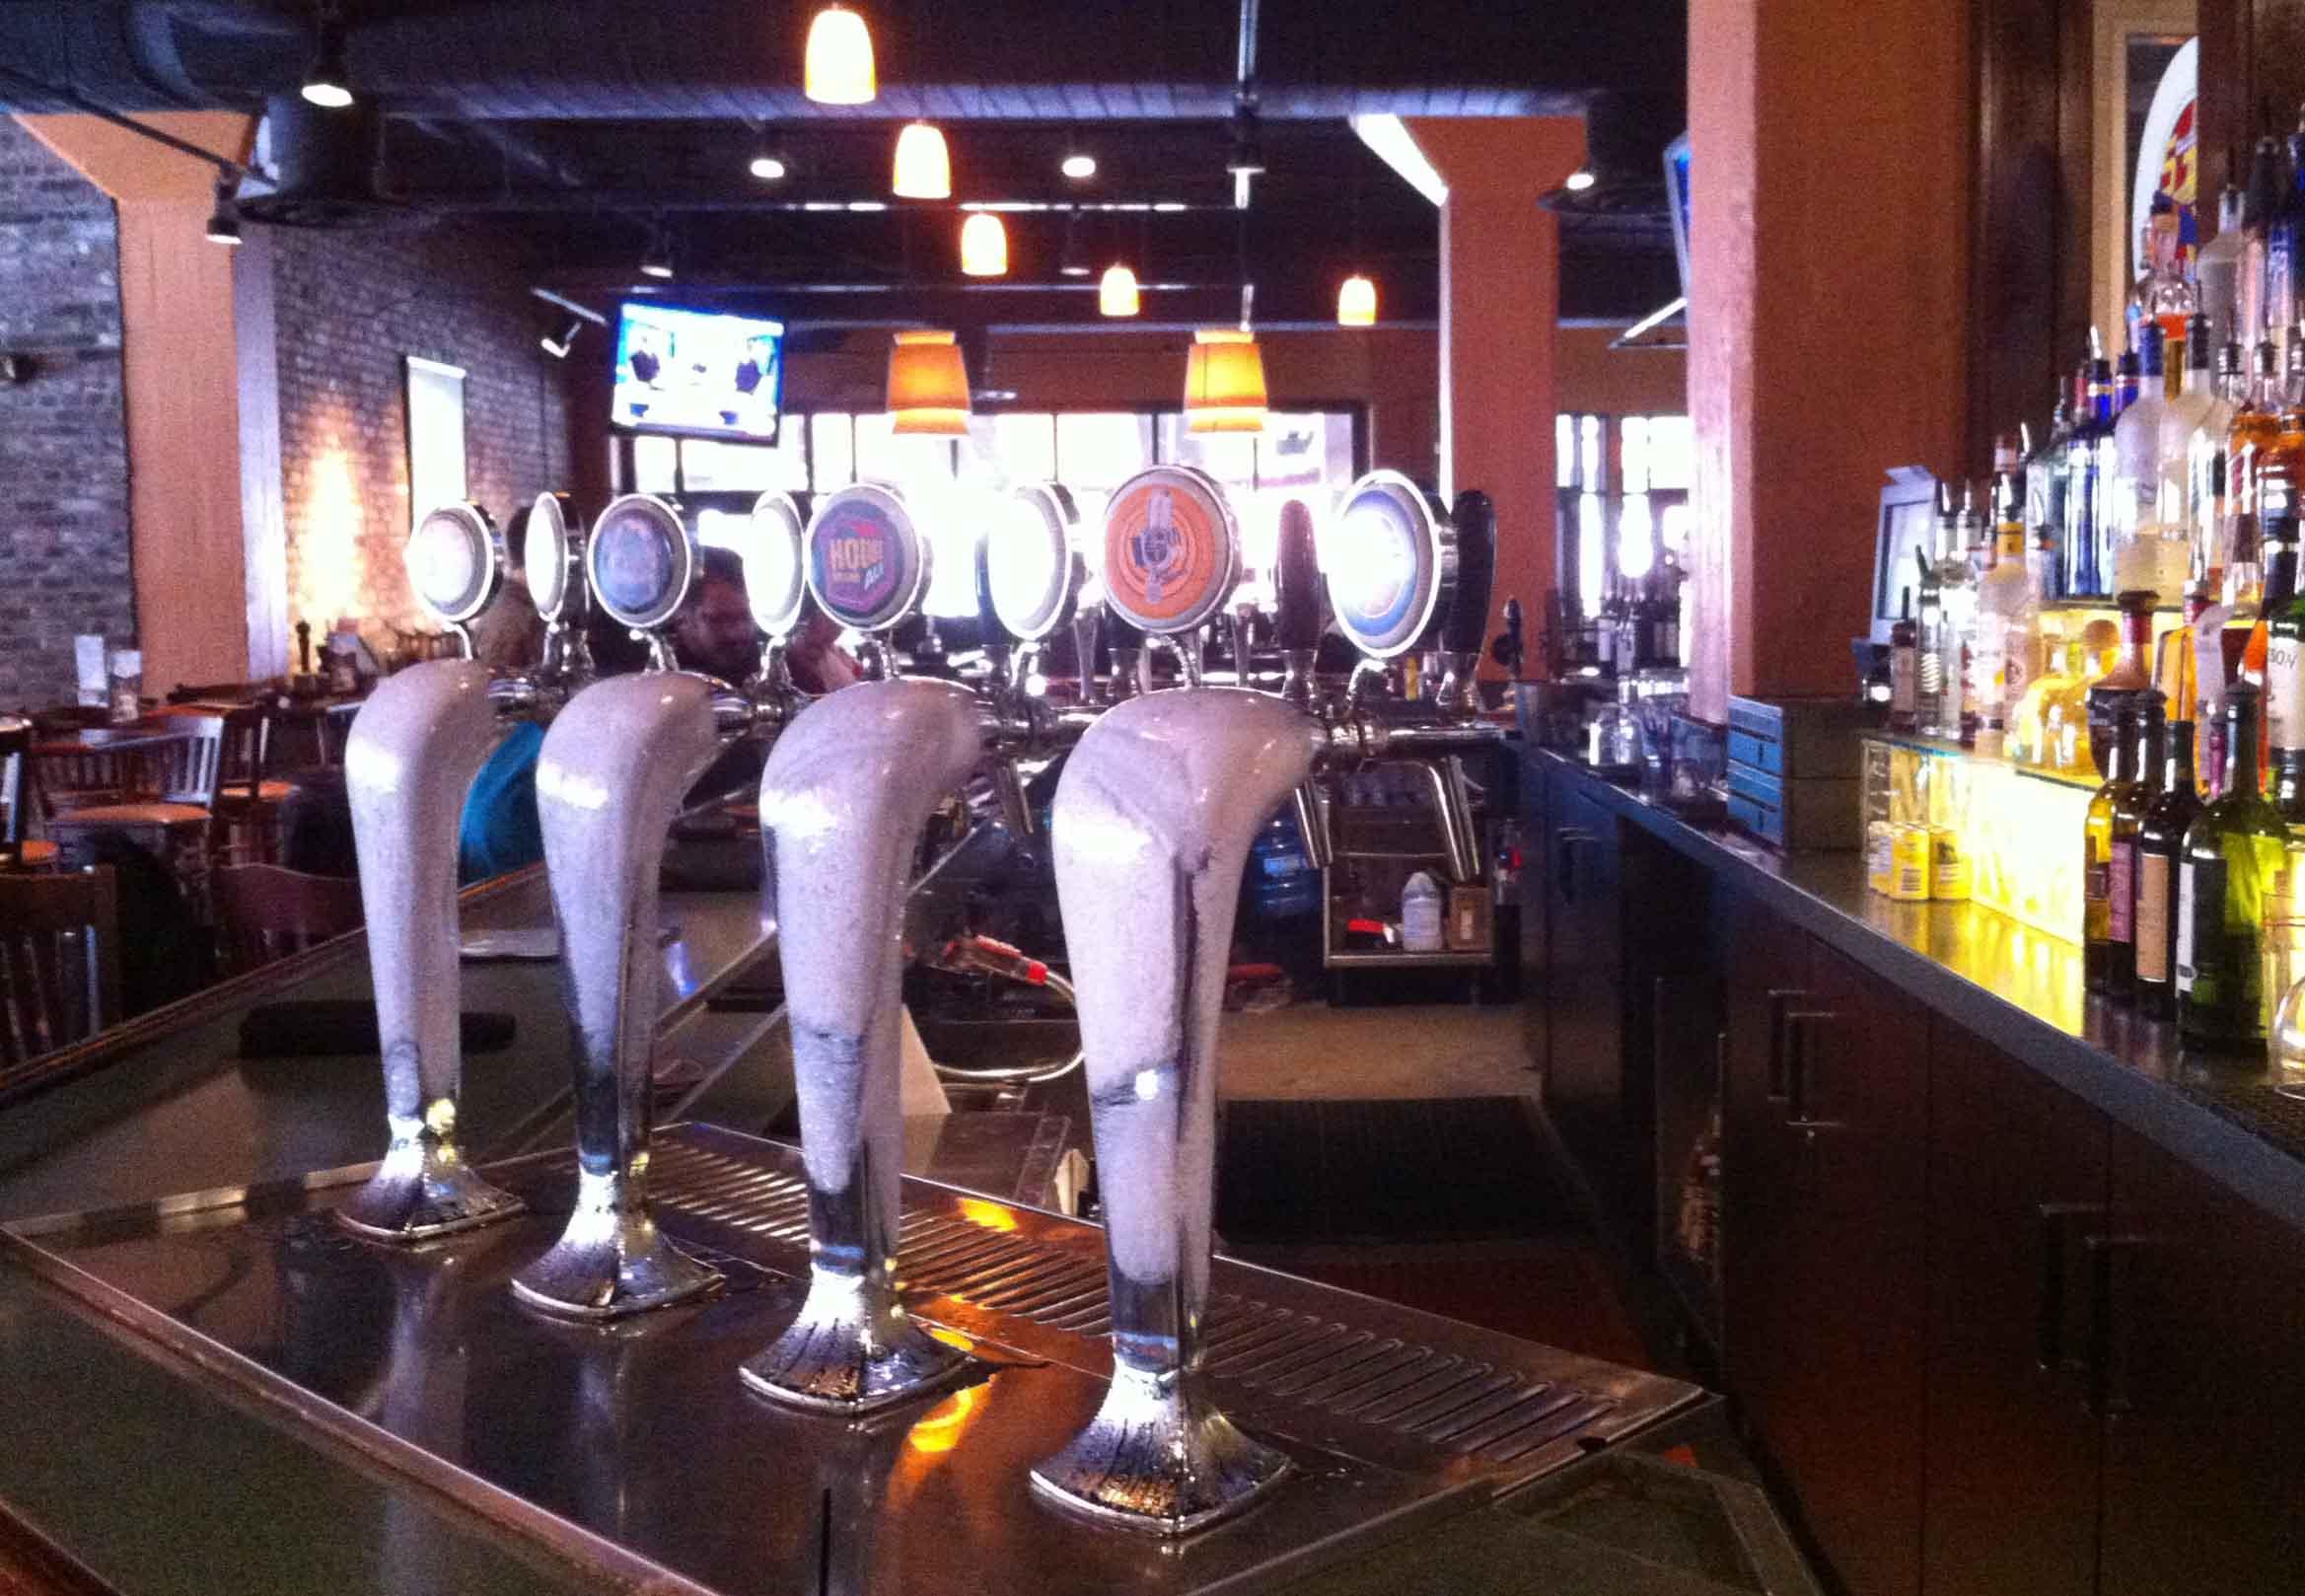 145. Big River Brew Pub, Nashville TN 2012